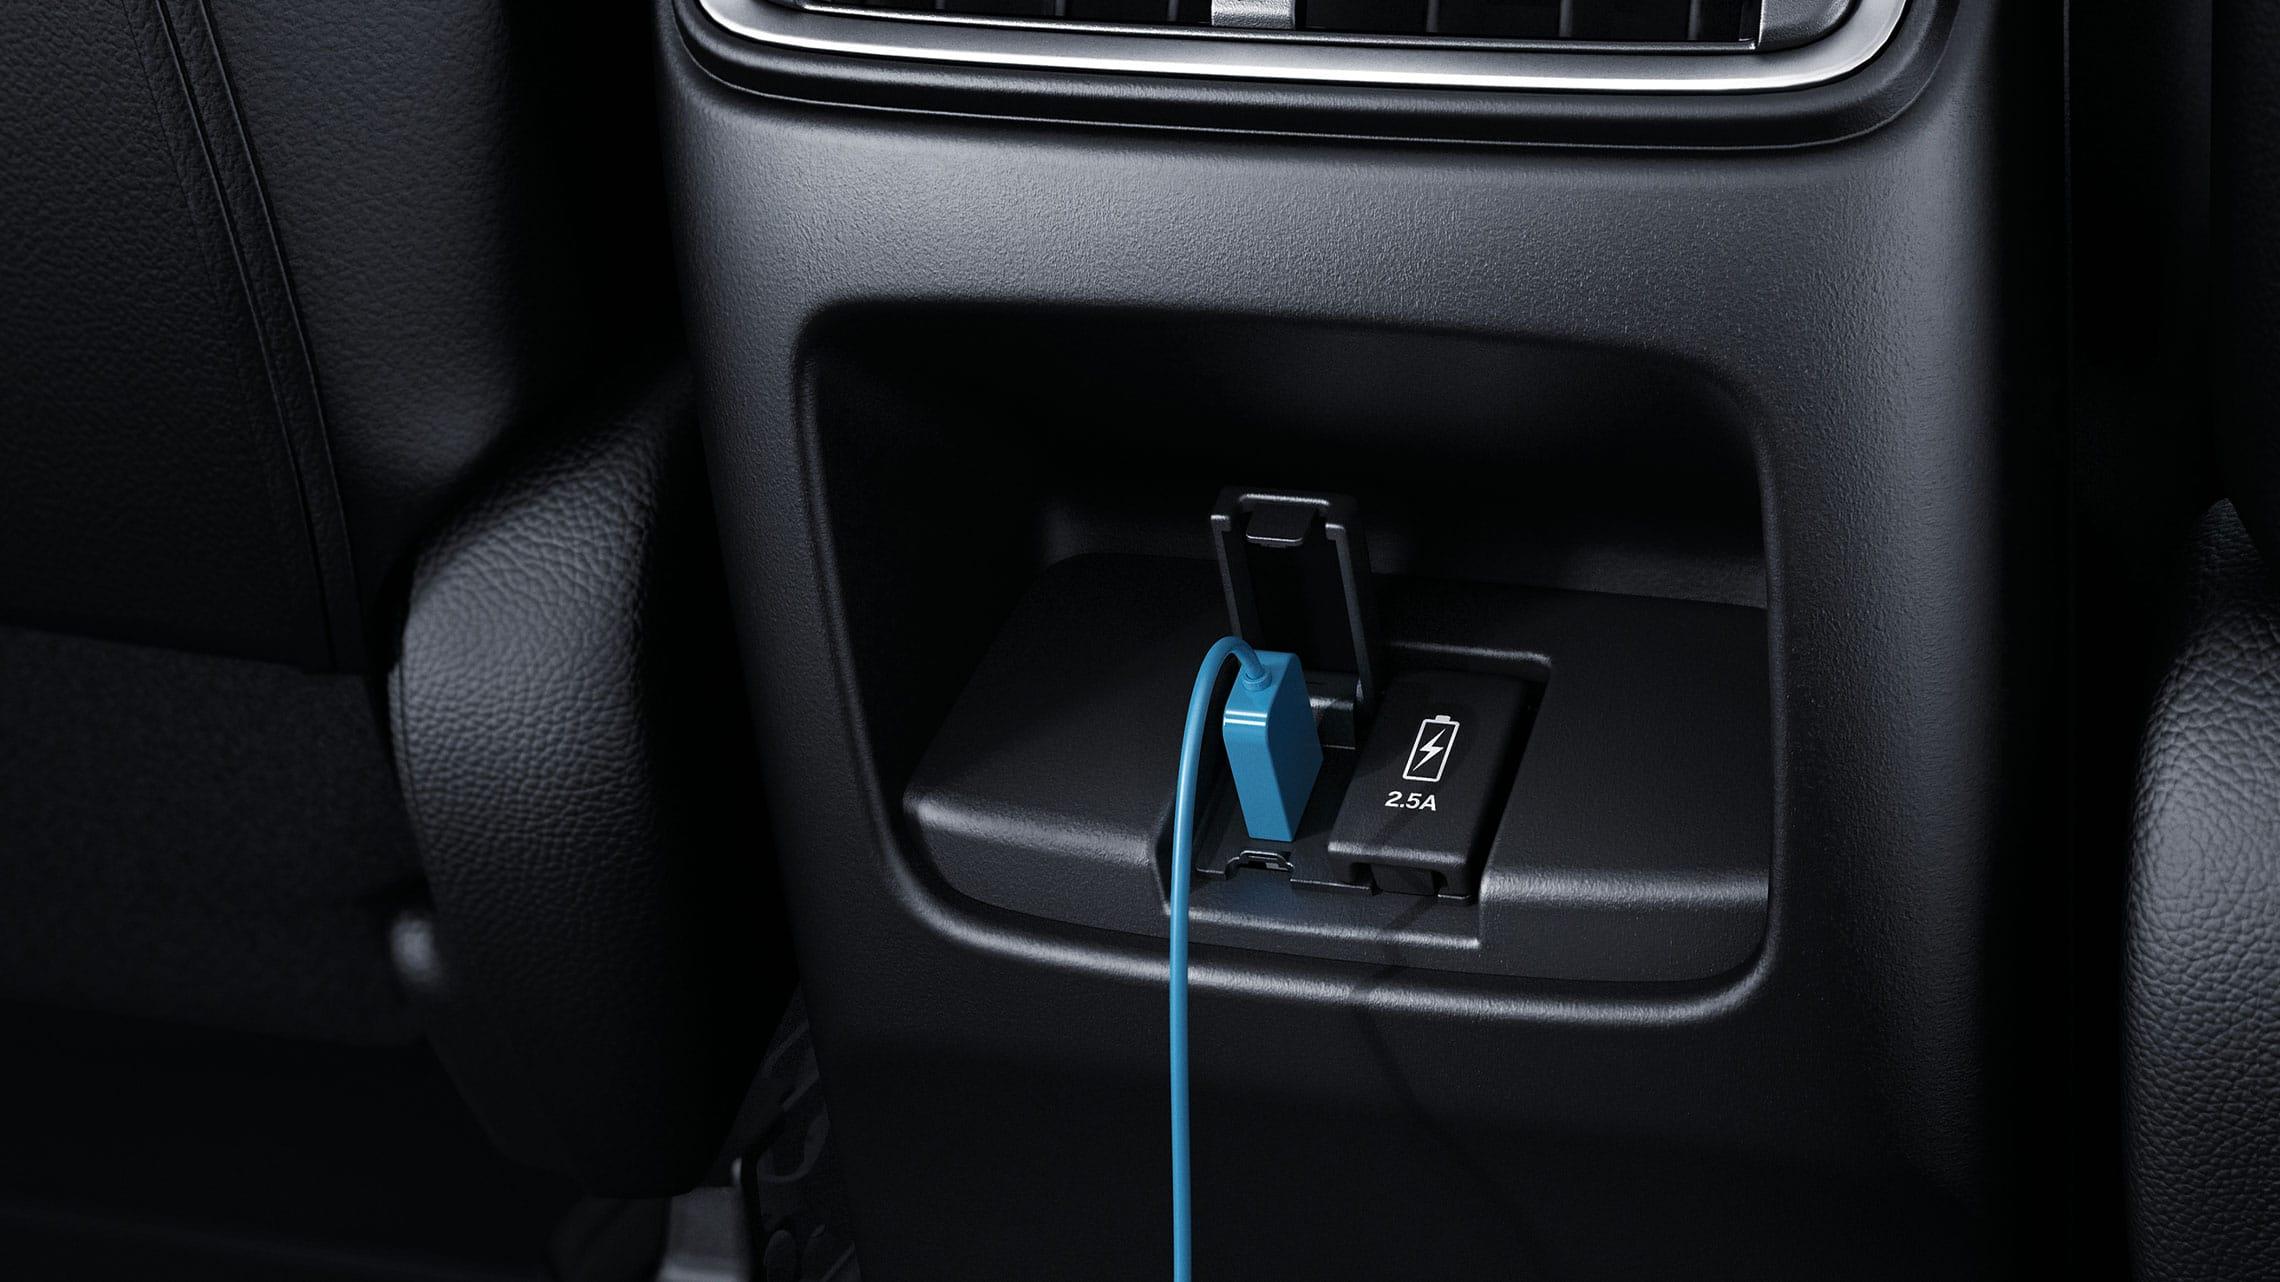 Vista del interior de los puertos USB traseros en la Honda CR-V2021.